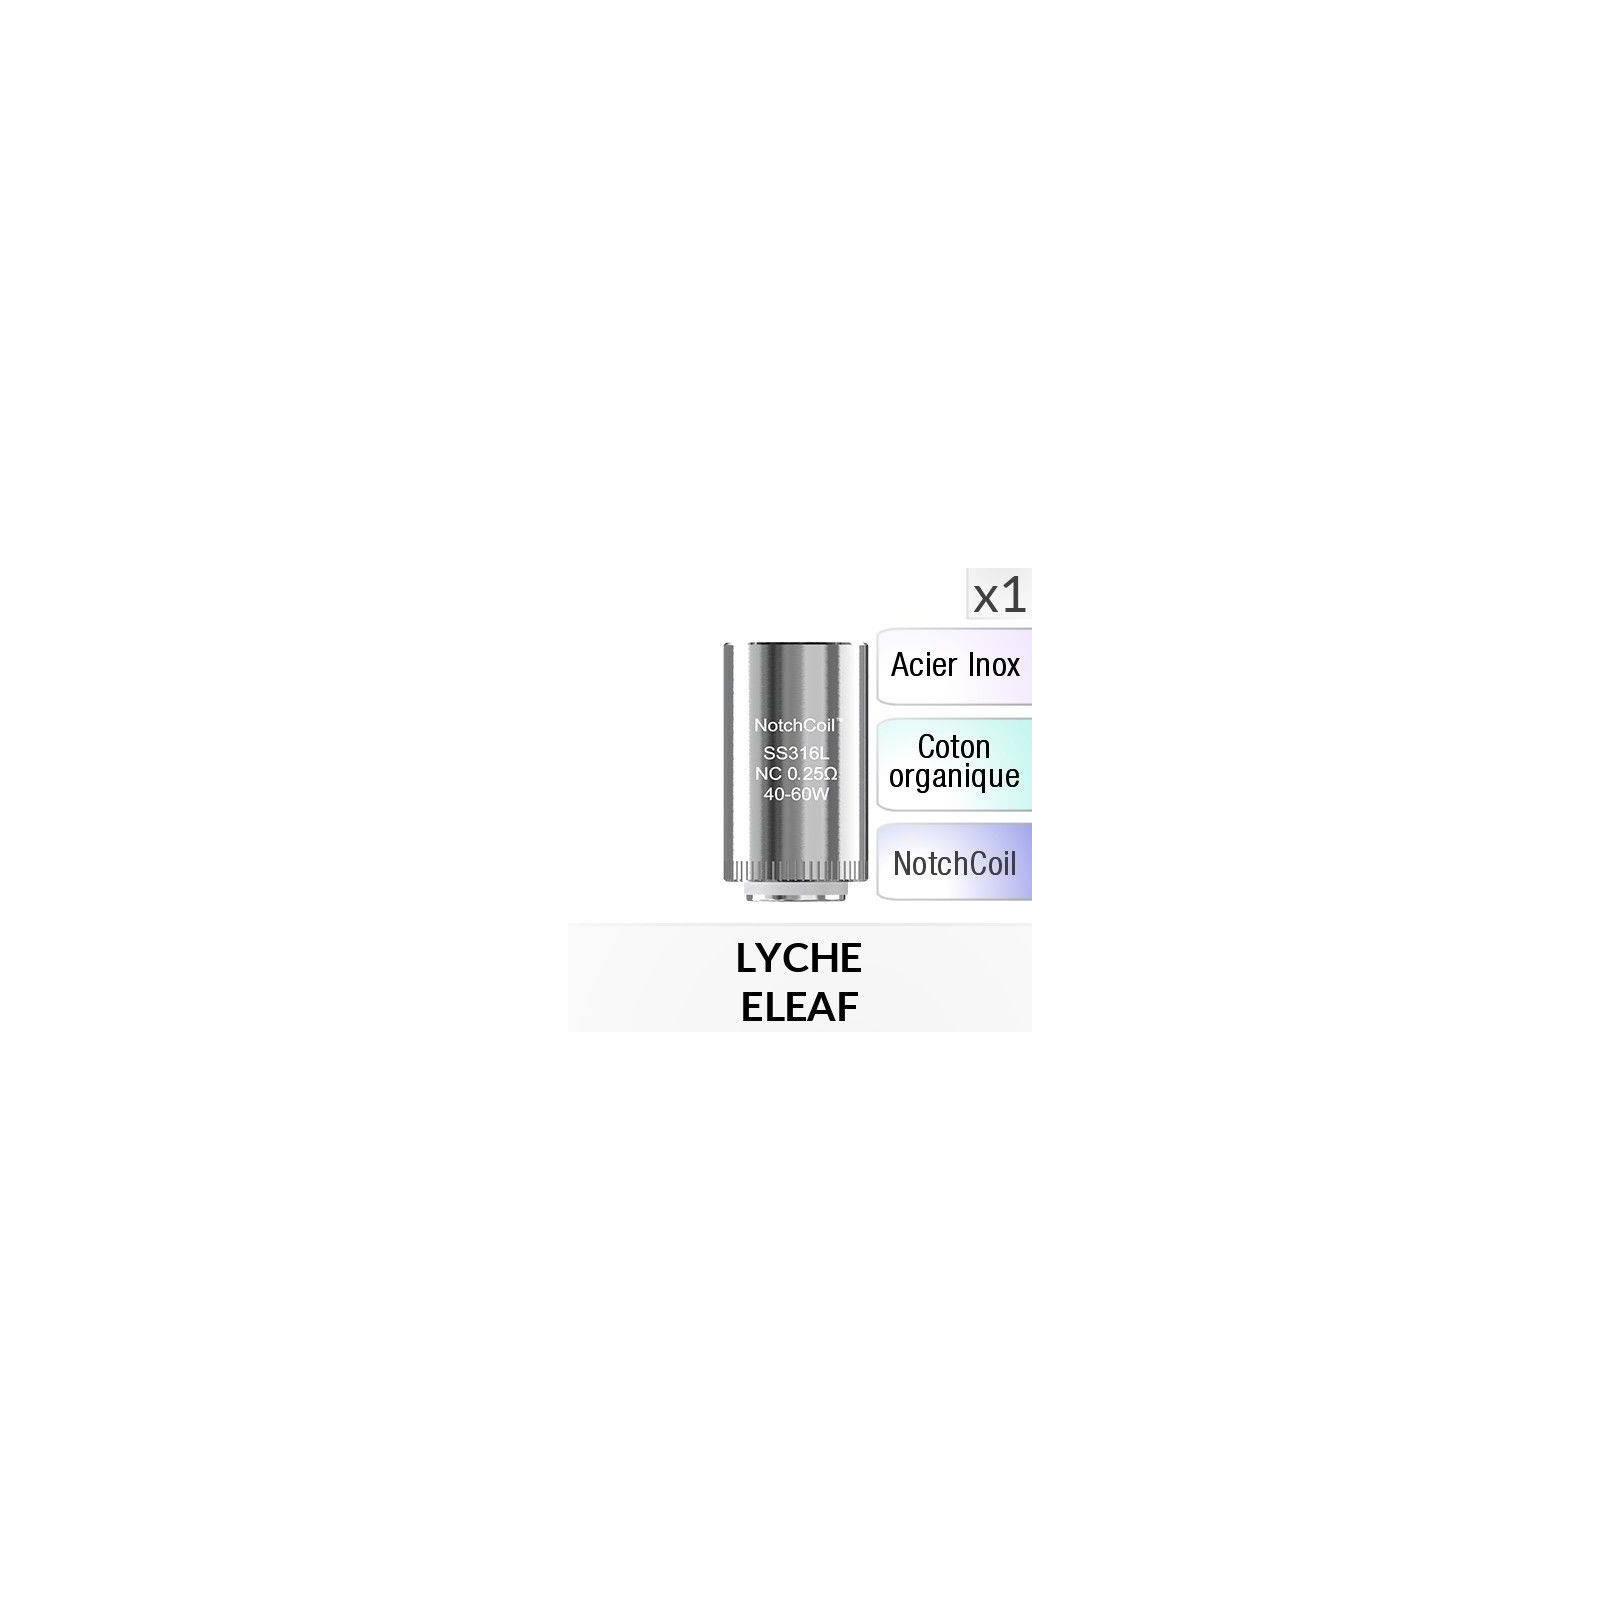 Résistance Lyche NotchCoil - 1 Pièce - ELEAF